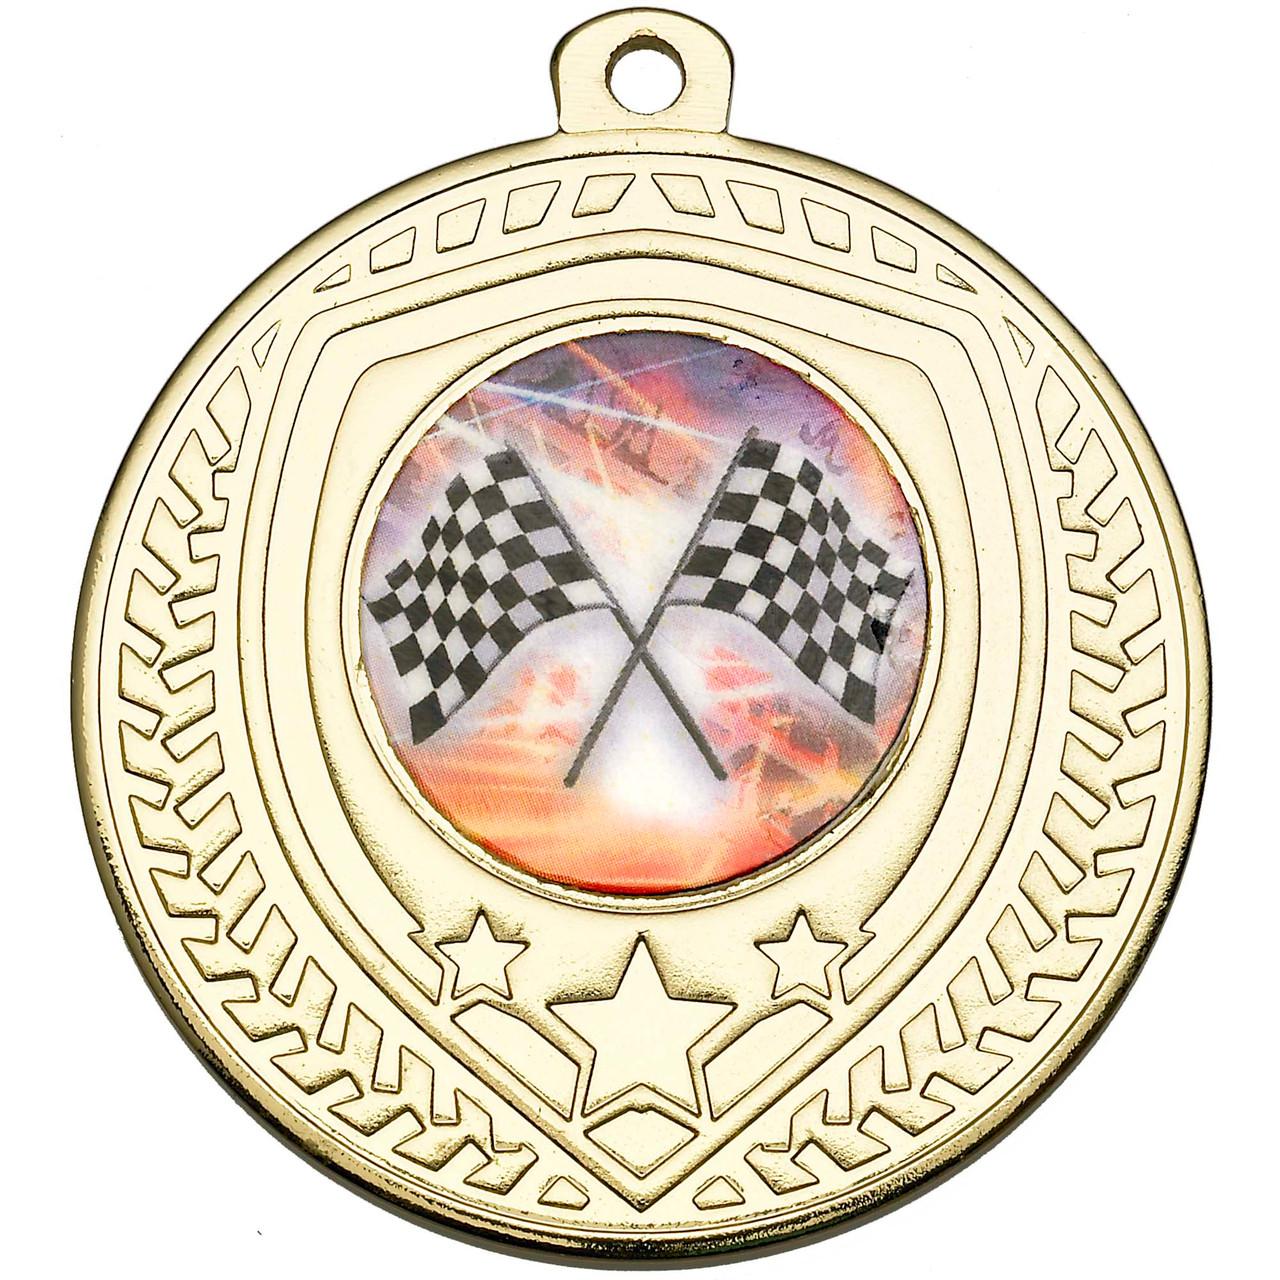 50mm Gold Multisport Shield Medal Award